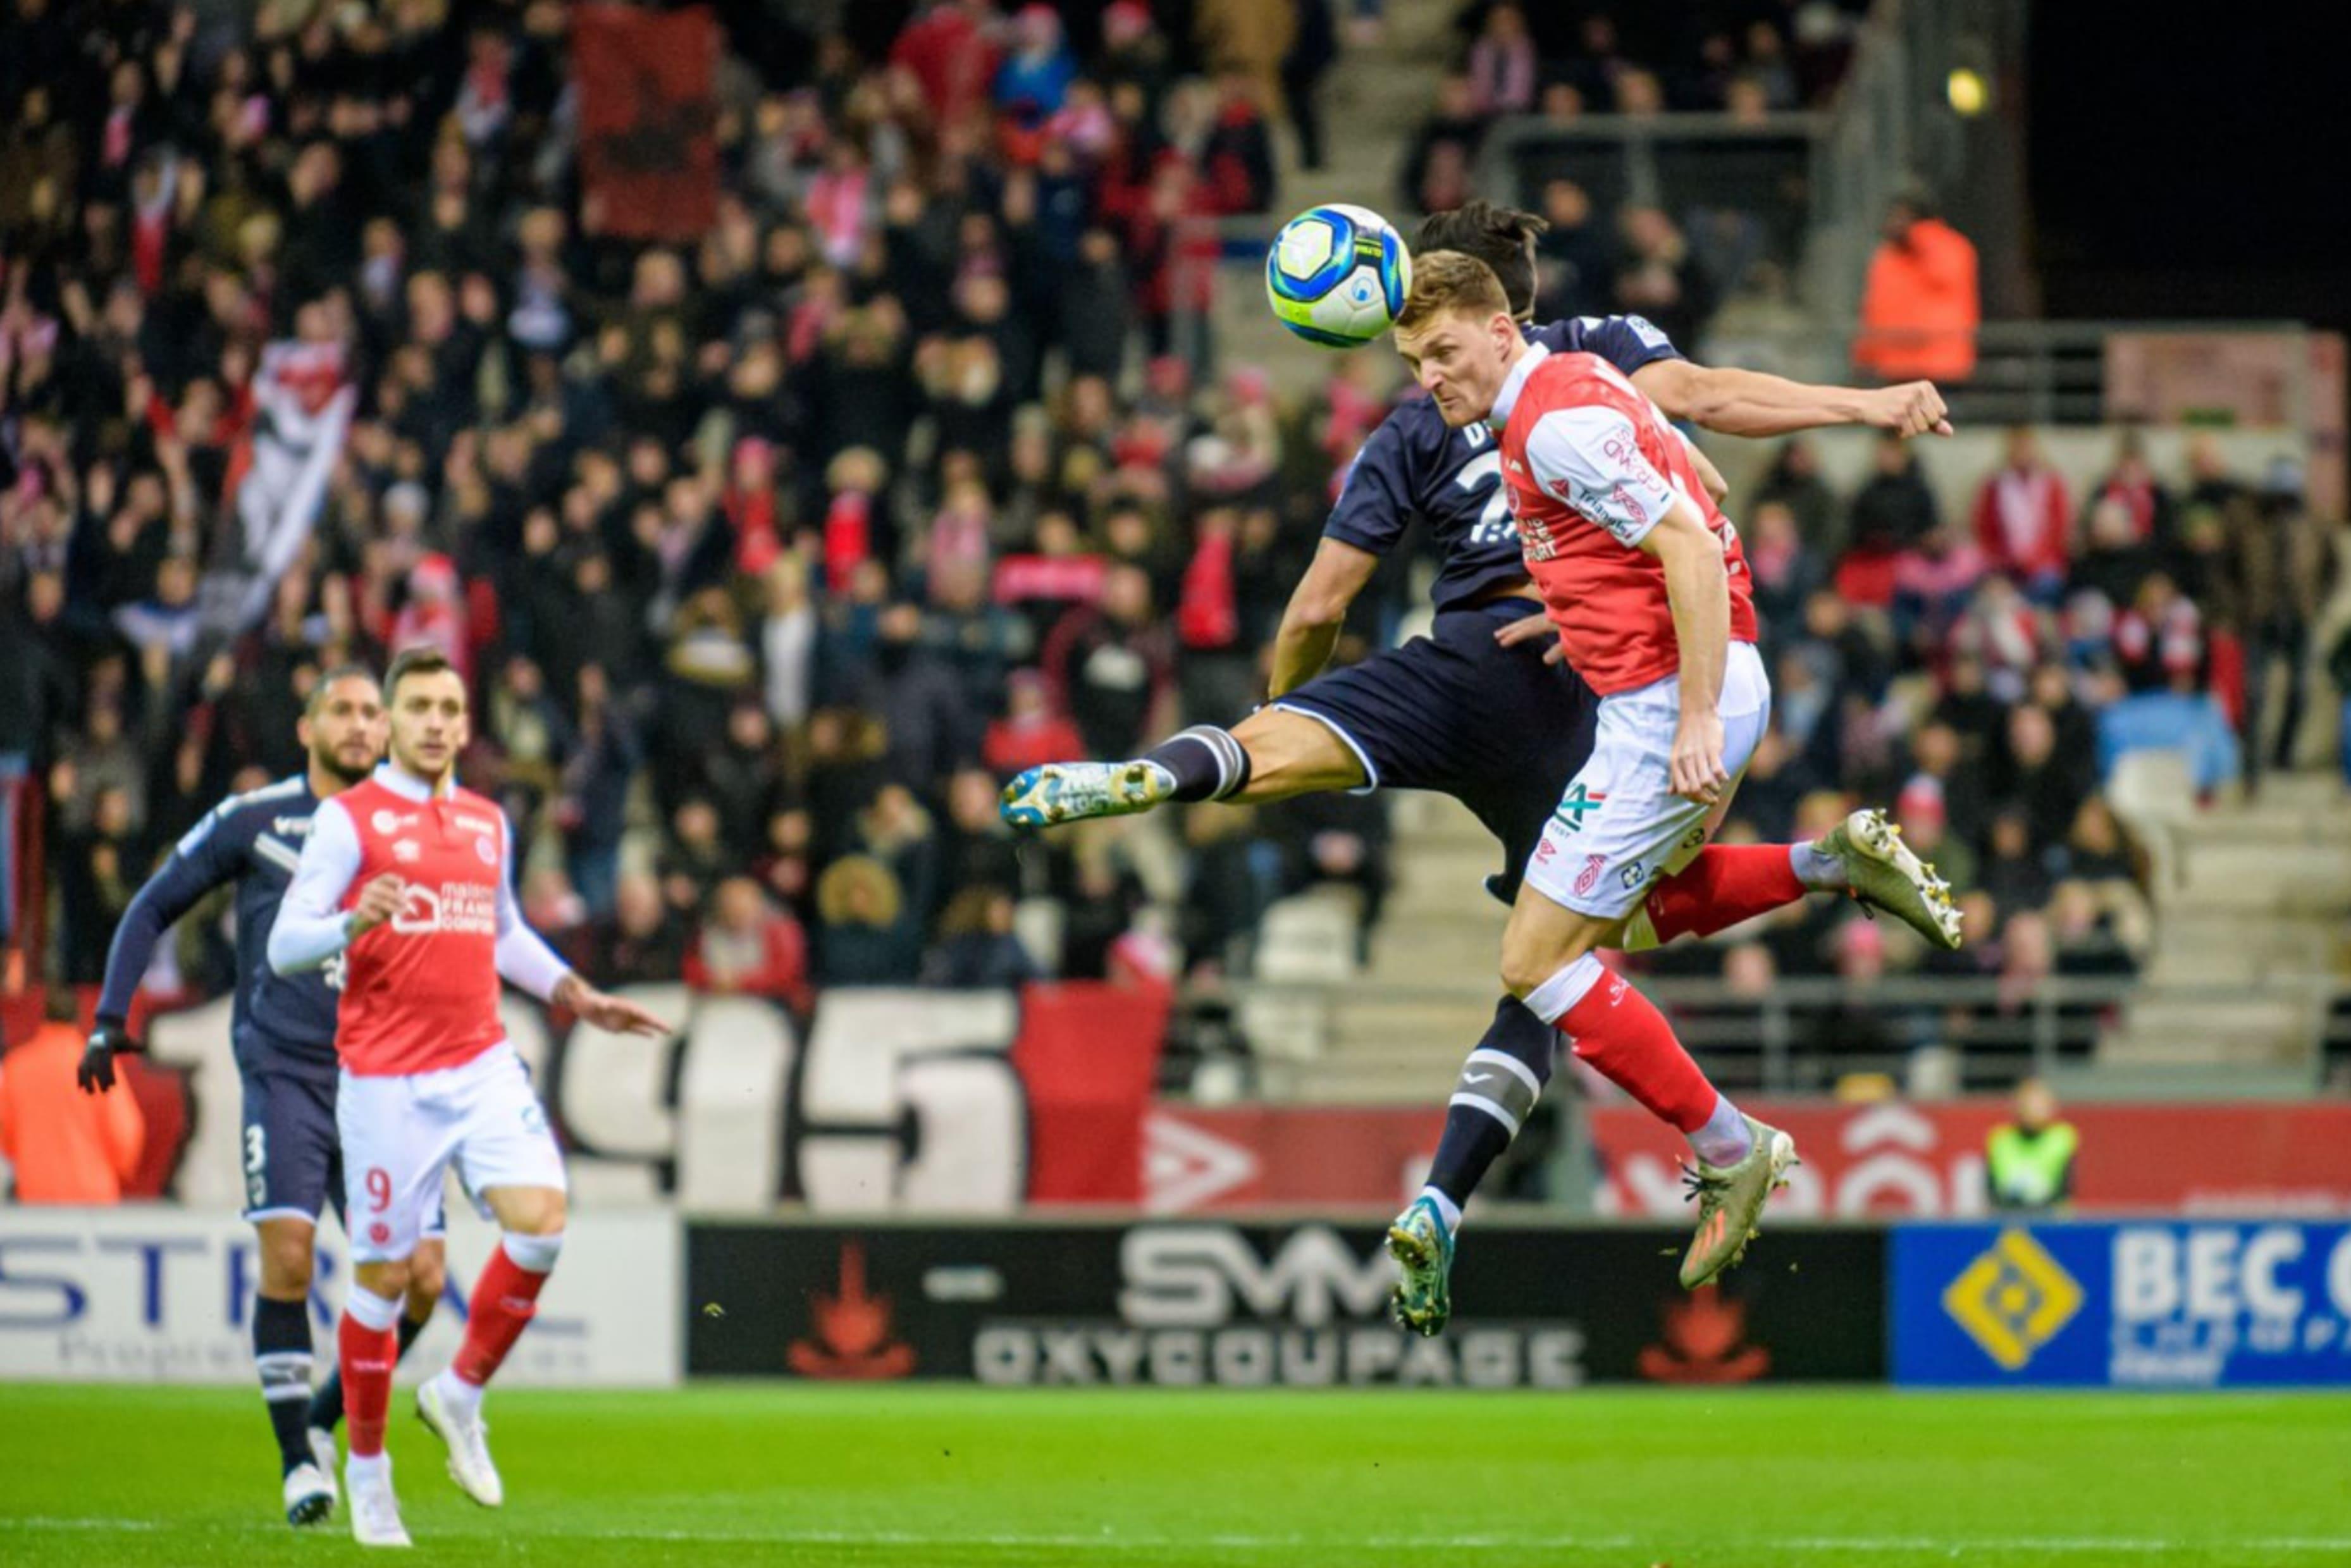 Reims vs Montpellier Soccer Betting Tips